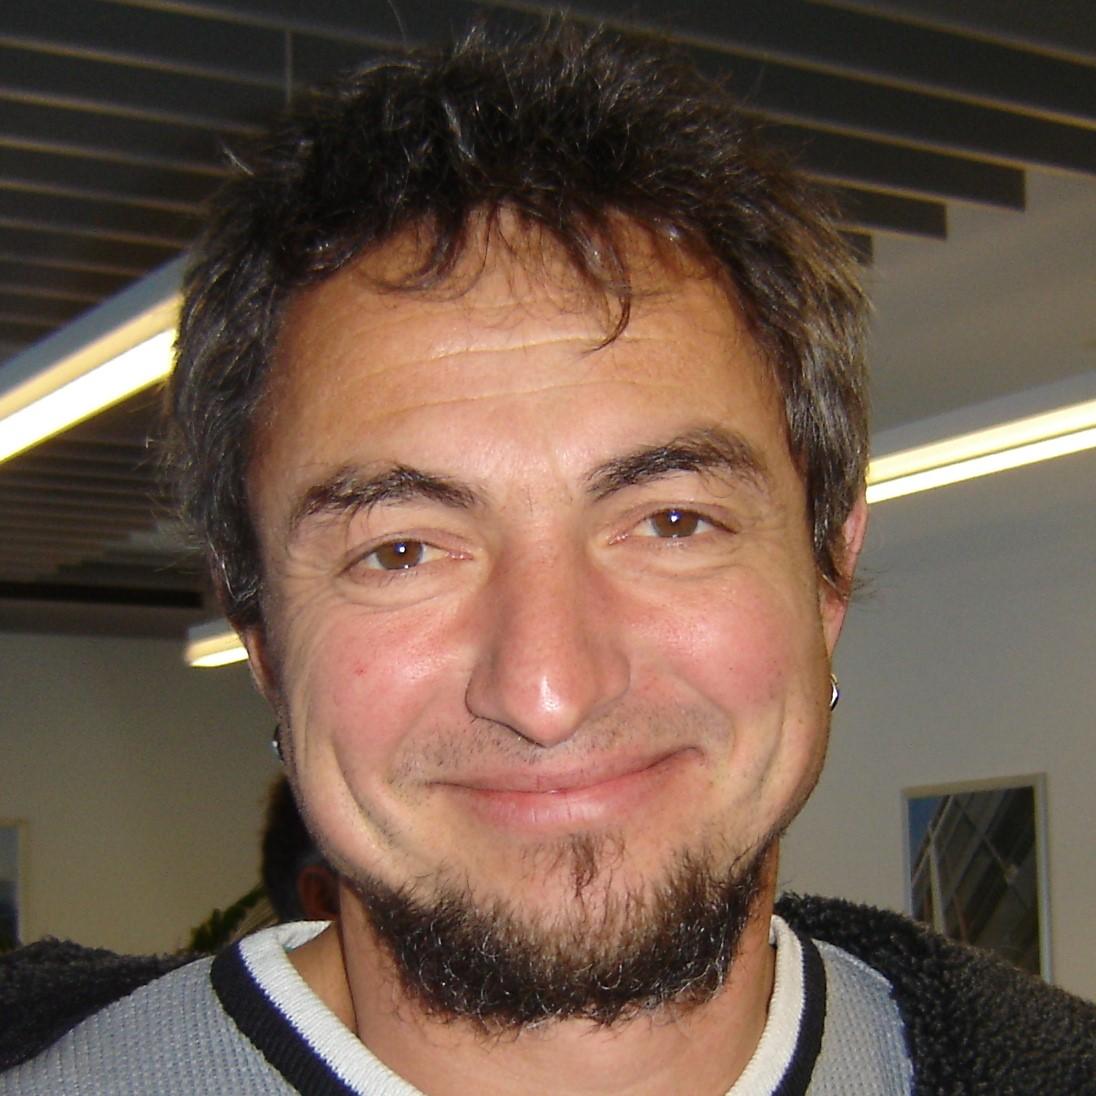 Marc Sonney